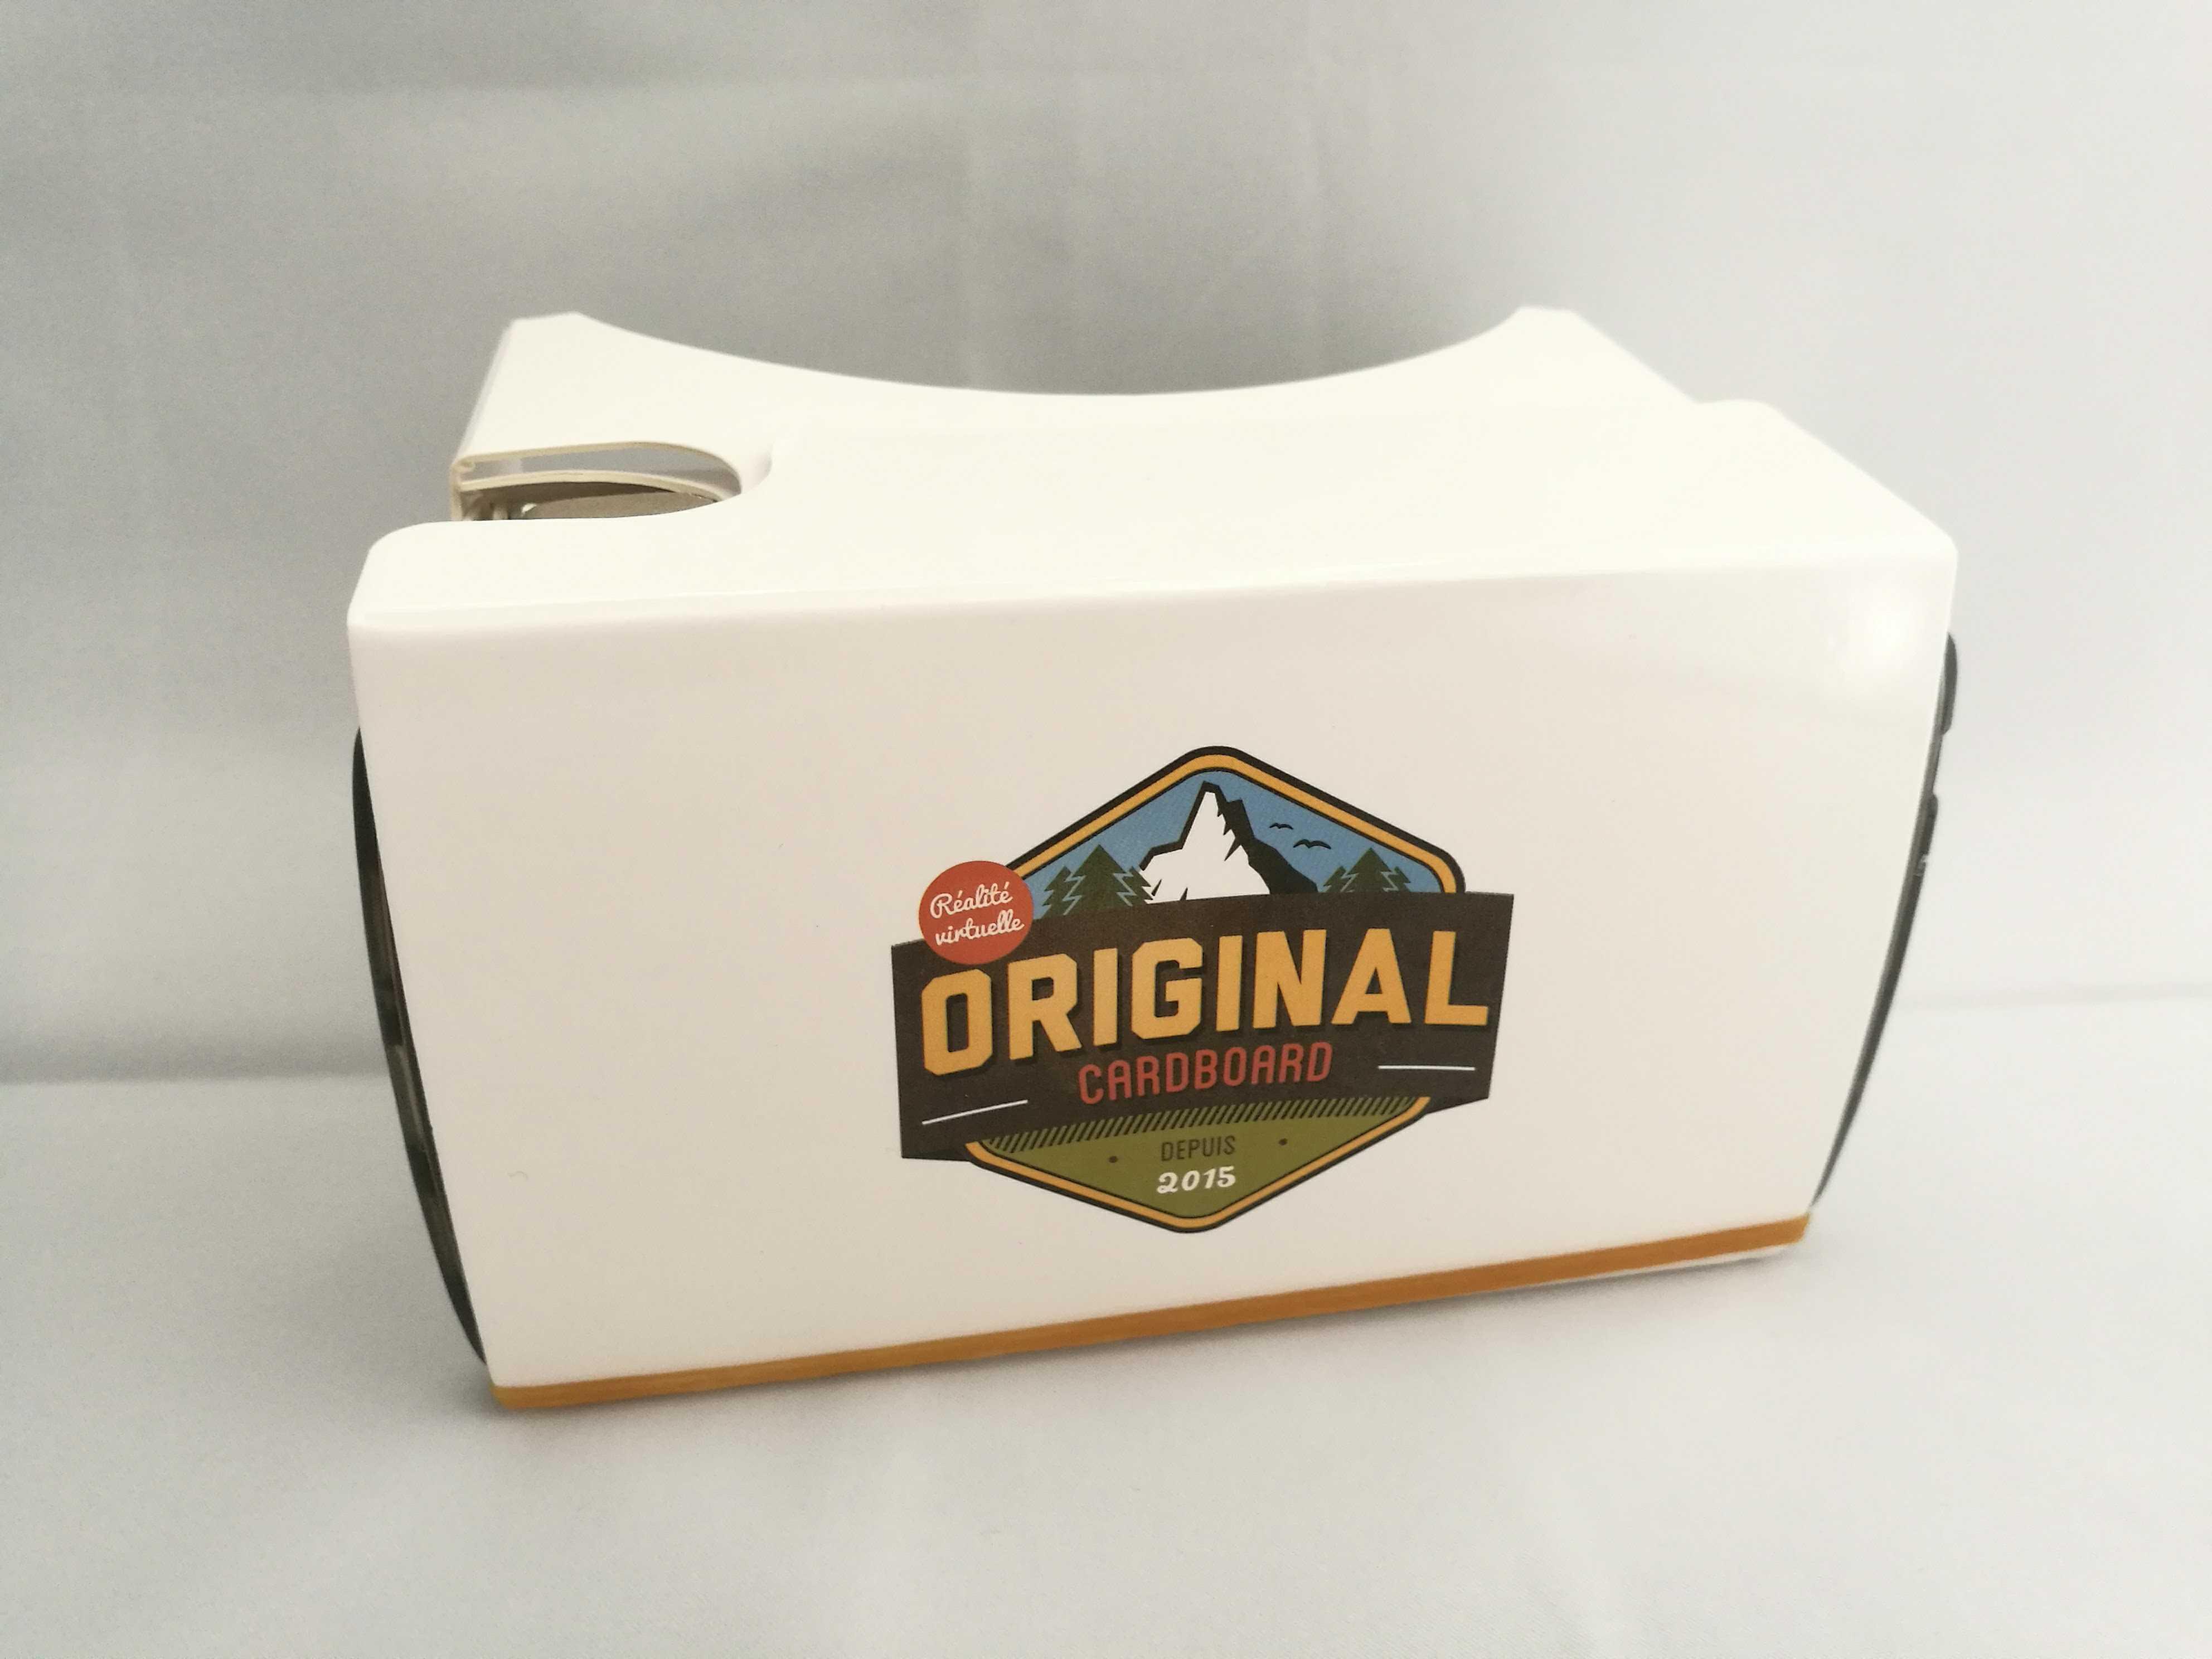 Le Cardboard prêt à vous faire voyager dans la réalité virtuelle !